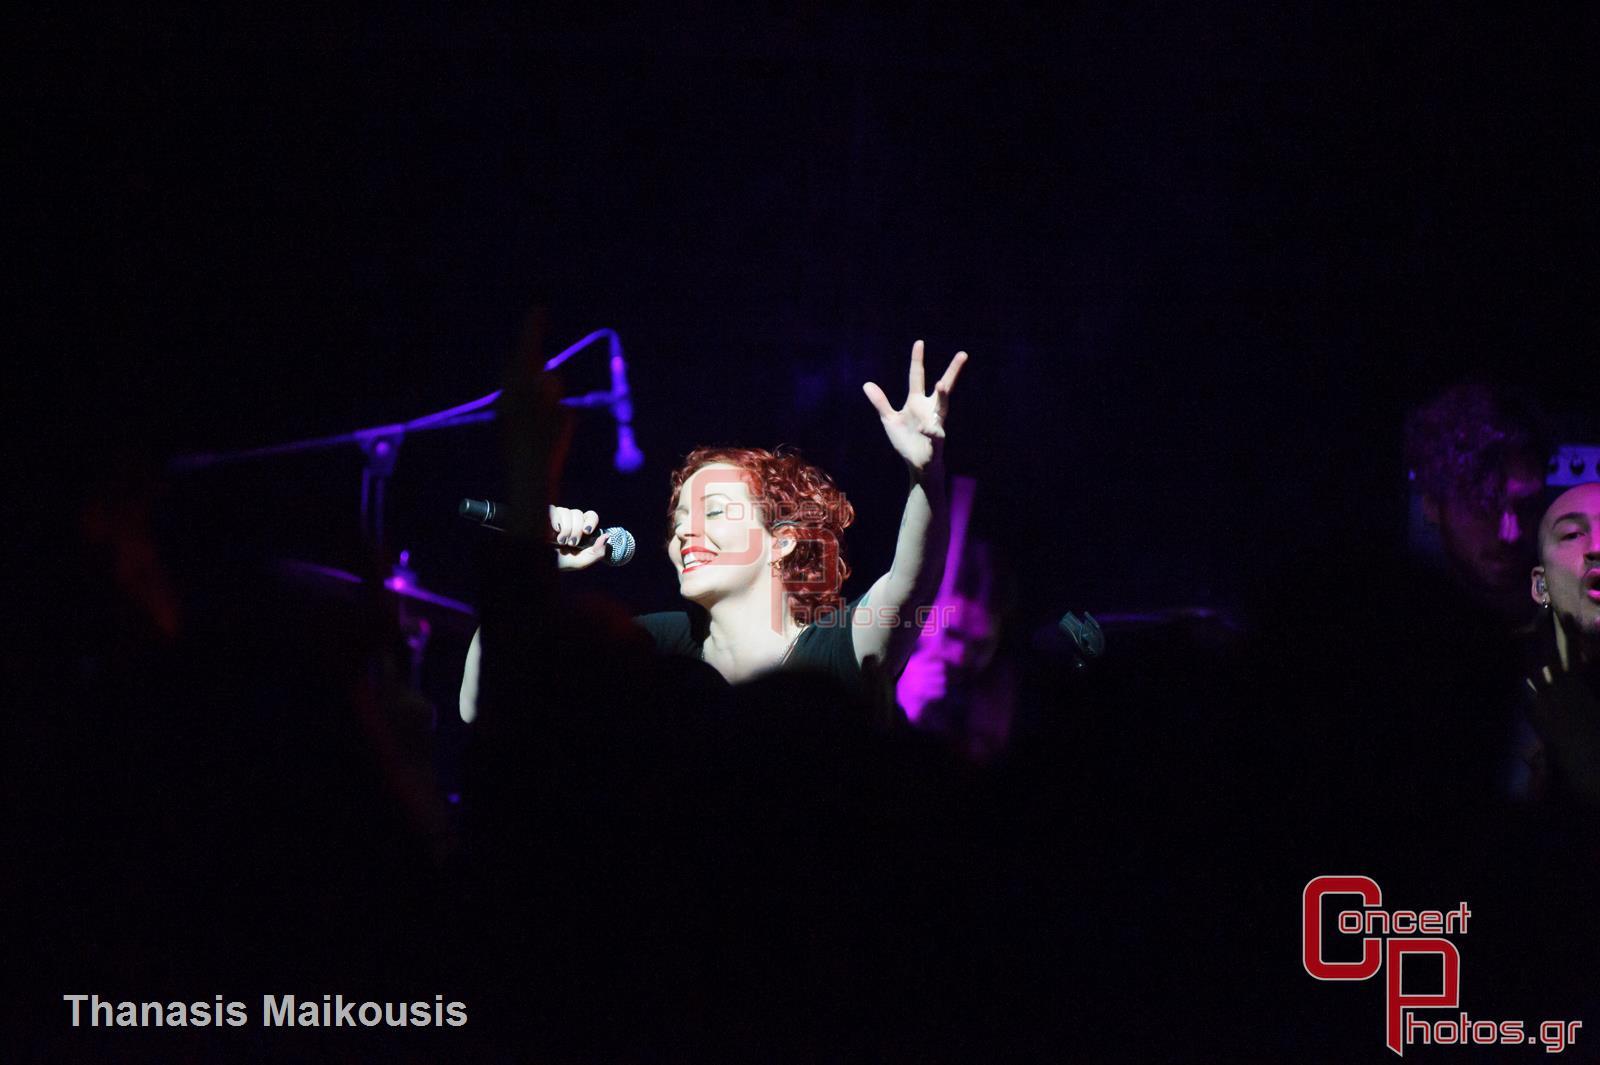 Anneke van Giersbergen-Anneke van Giersbergen photographer: Thanasis Maikousis - ConcertPhotos-0405